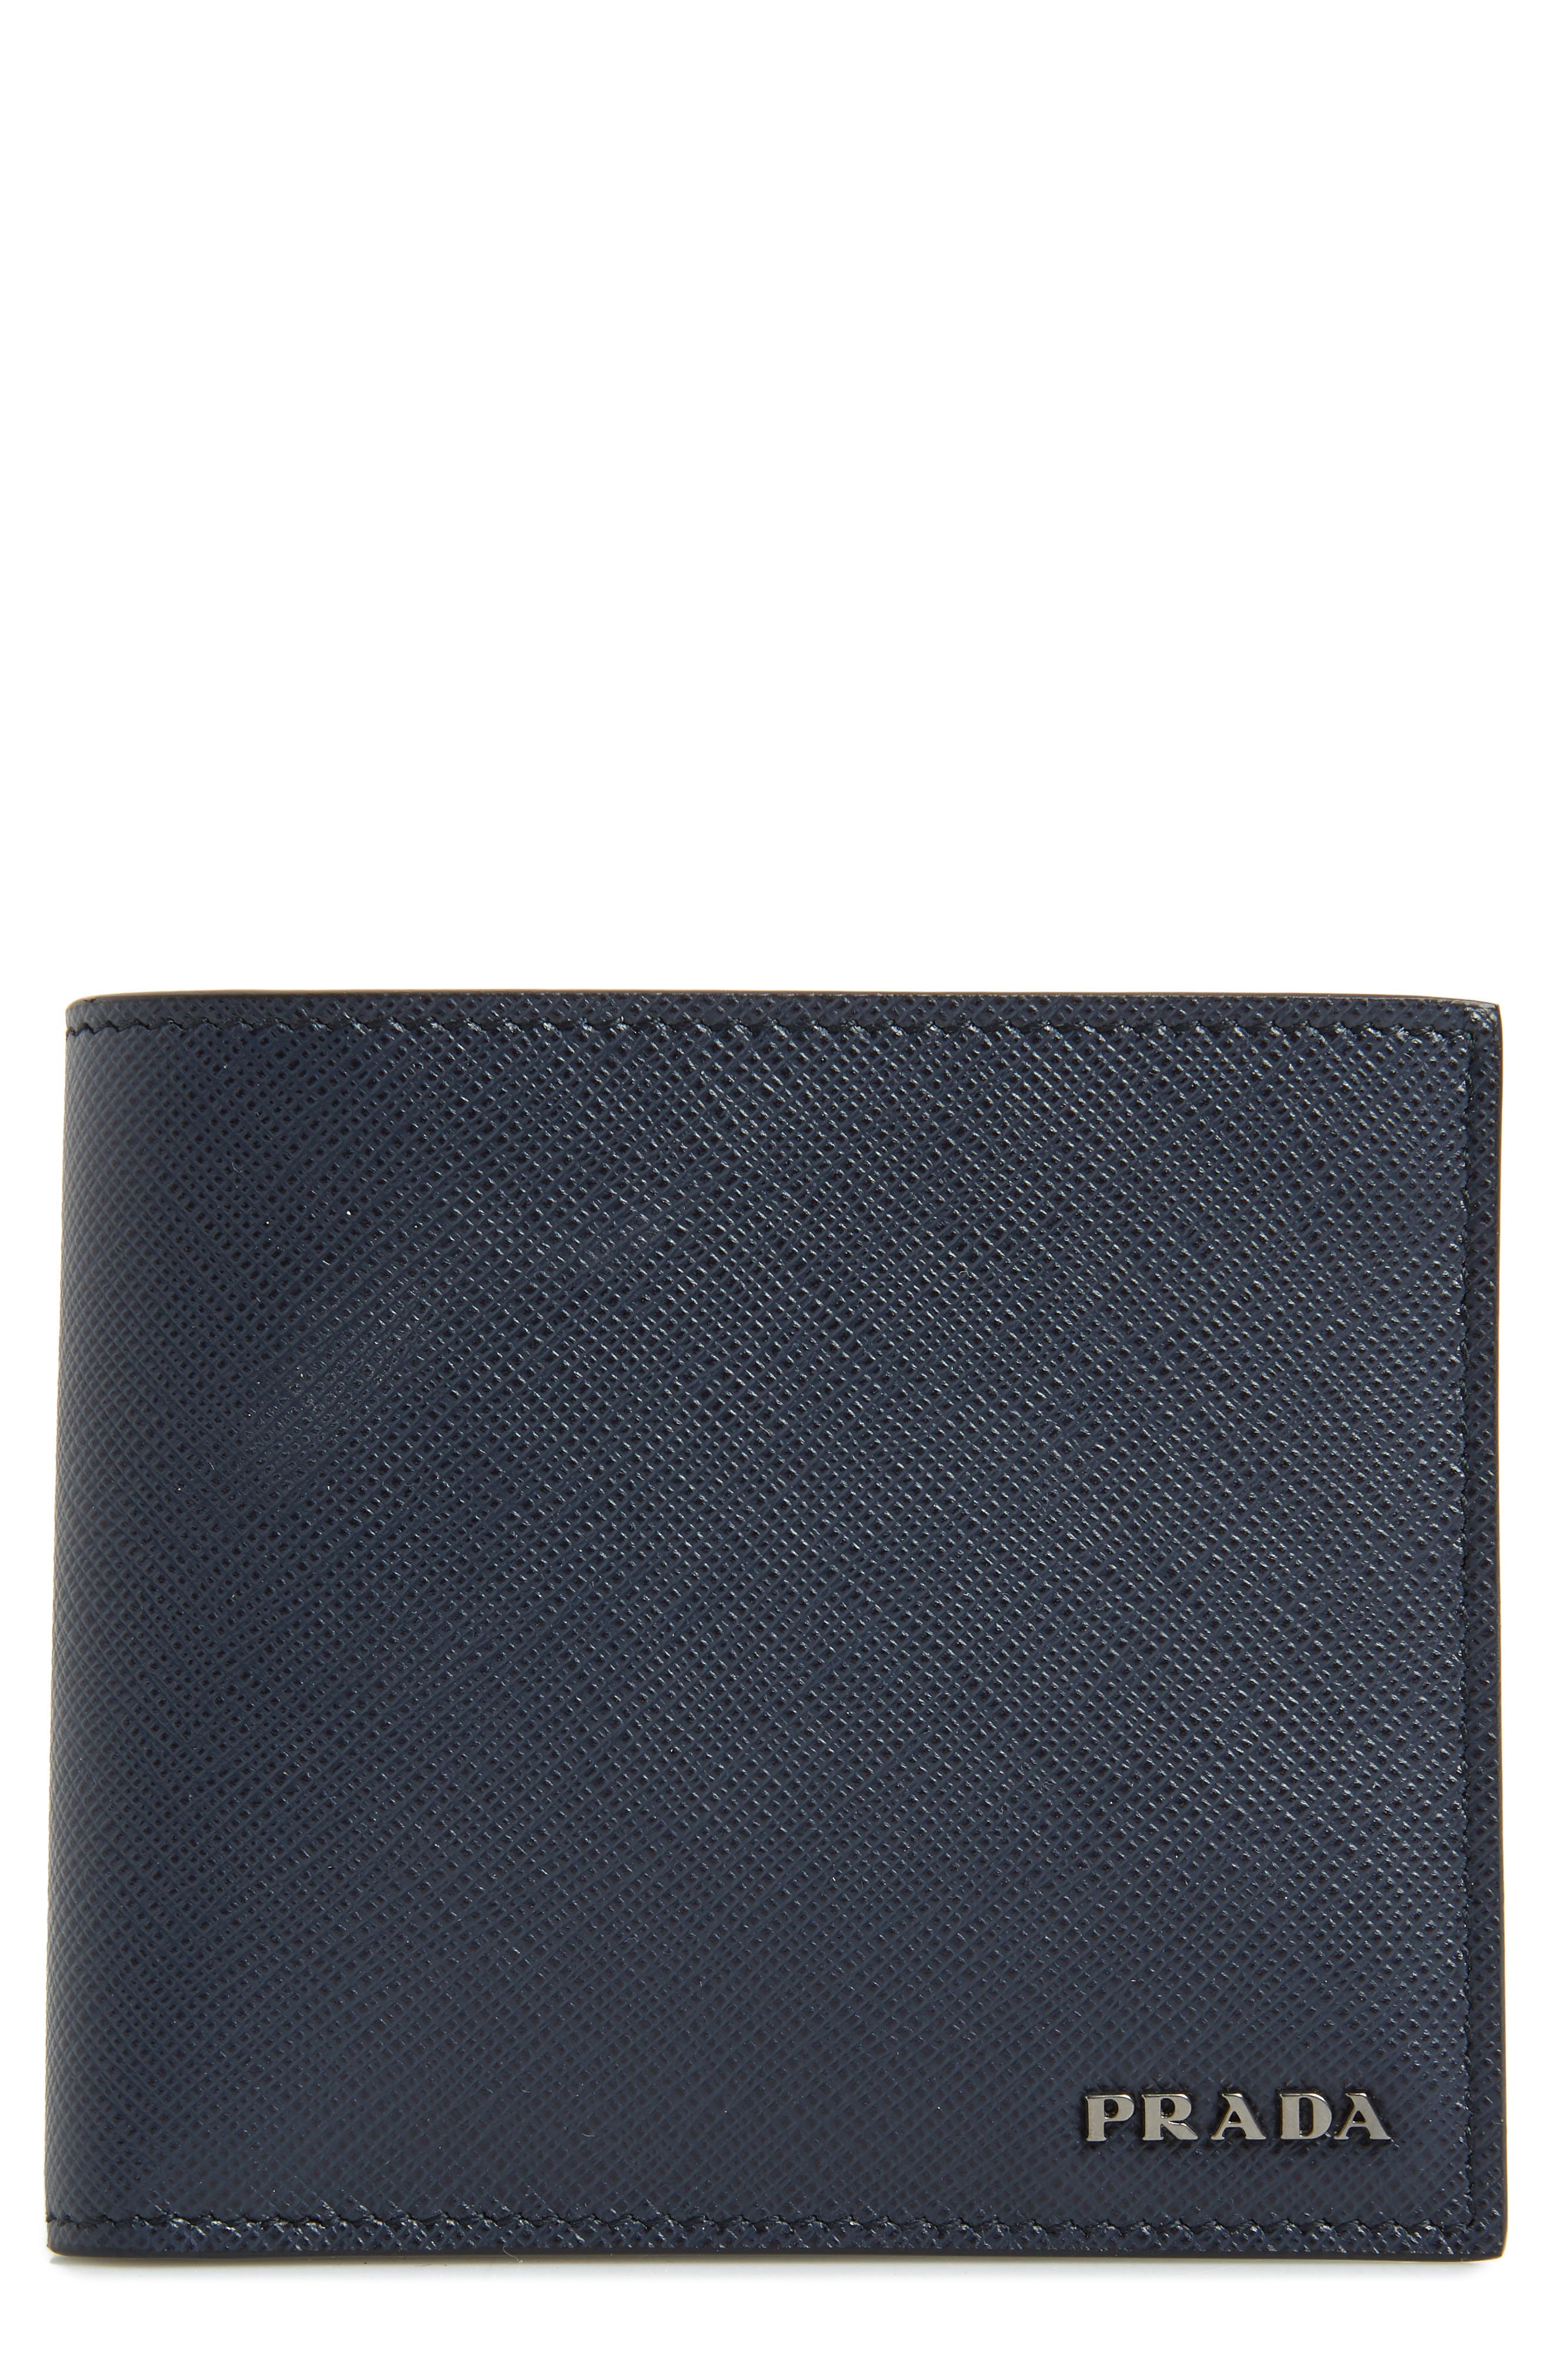 Prada Bicolor Leather Wallet